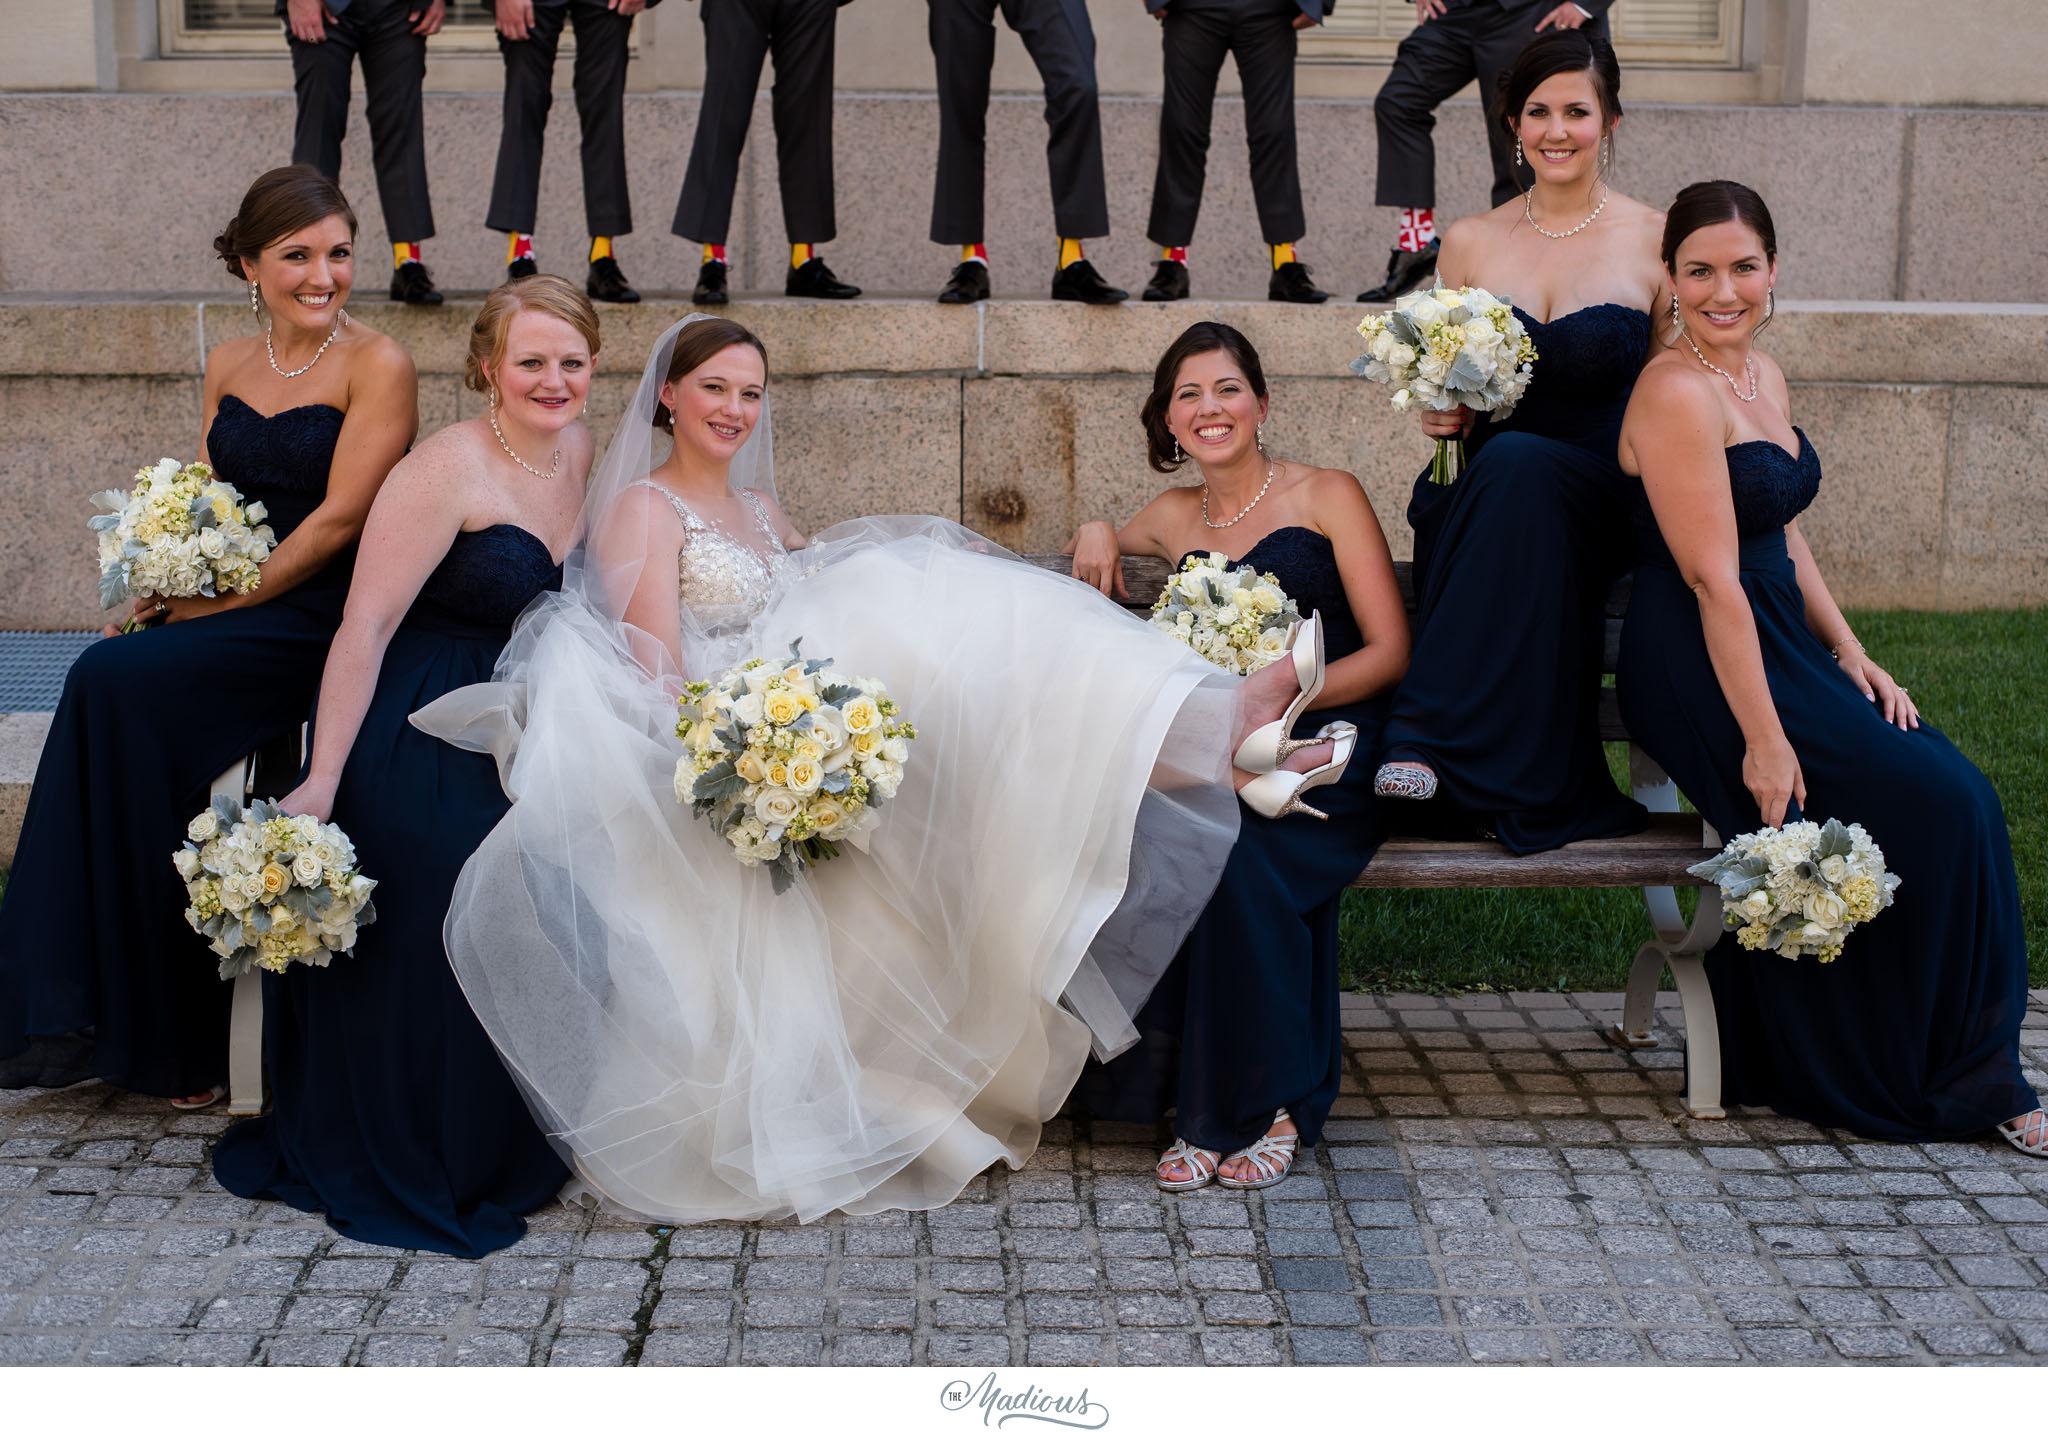 W Hotel DC wedding_034.JPG